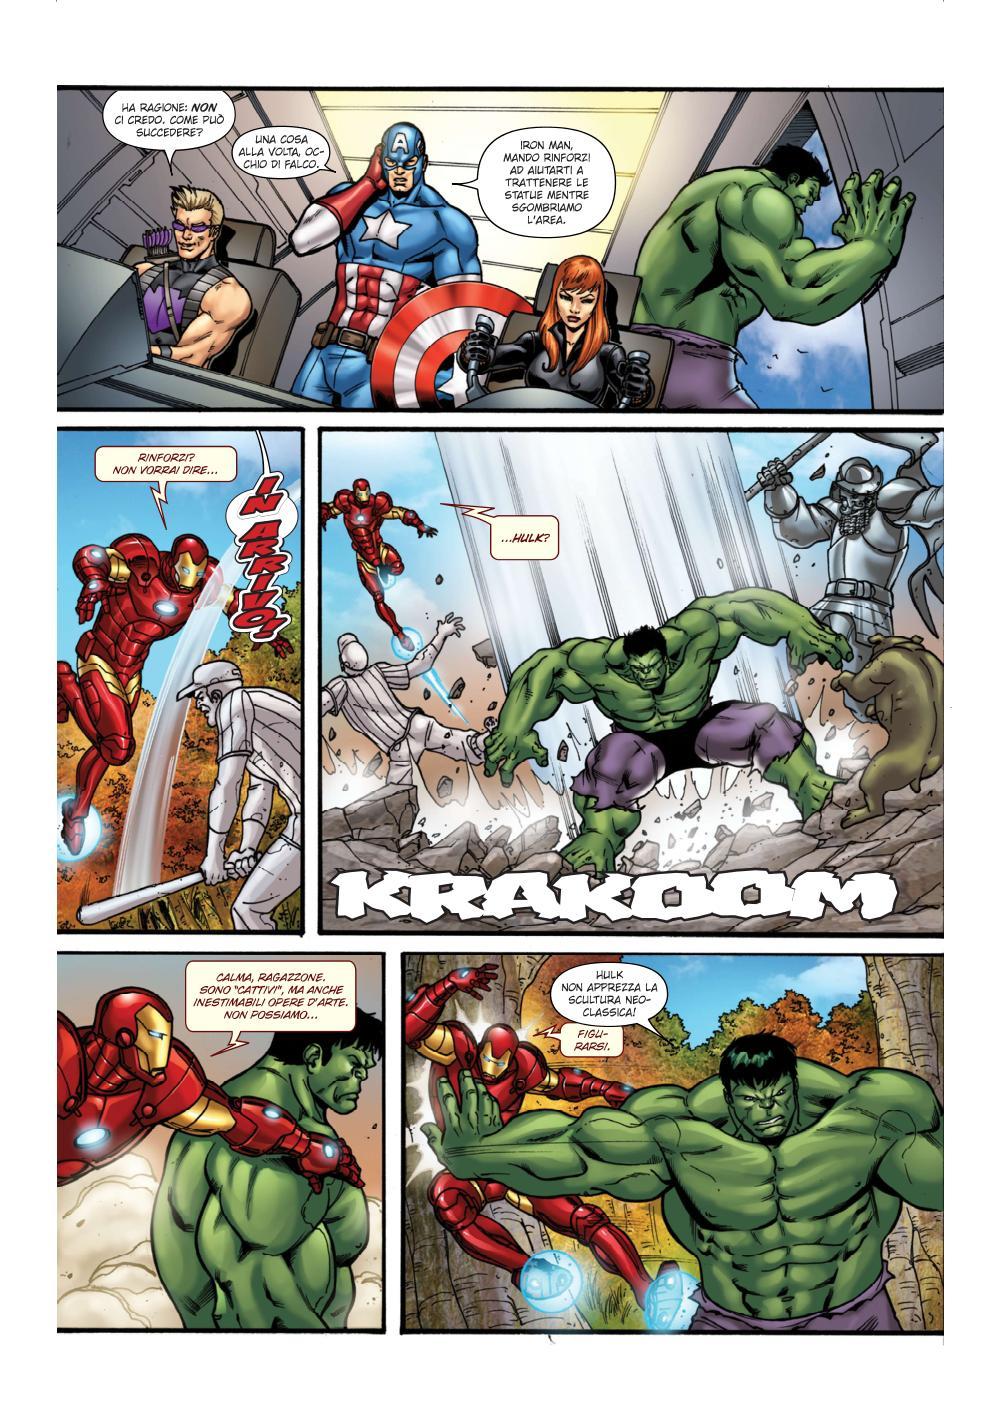 Gli Avengers contro il bullismo